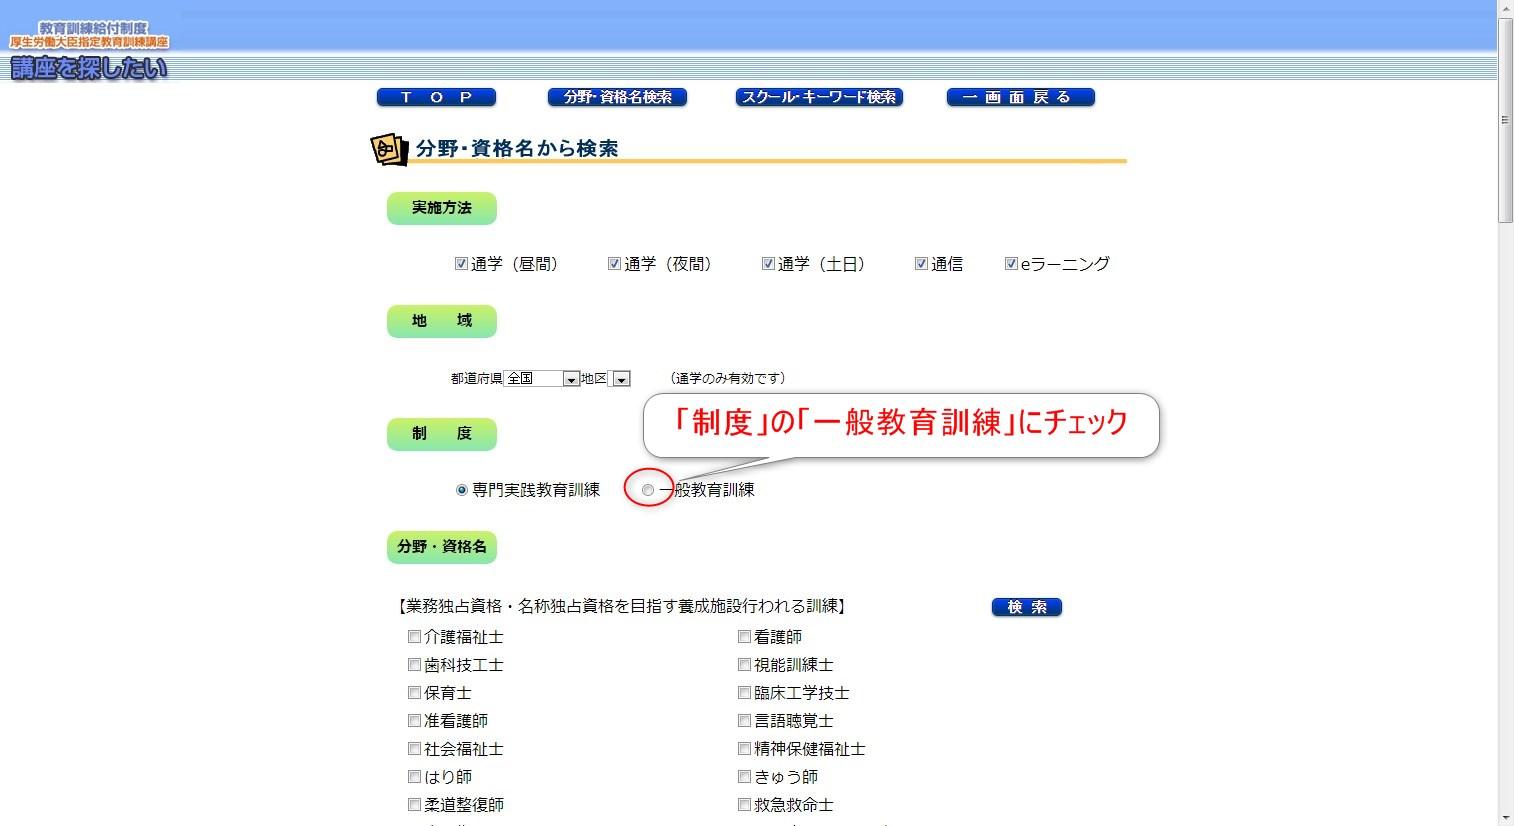 12-04-04_大型二種免許の検索方法